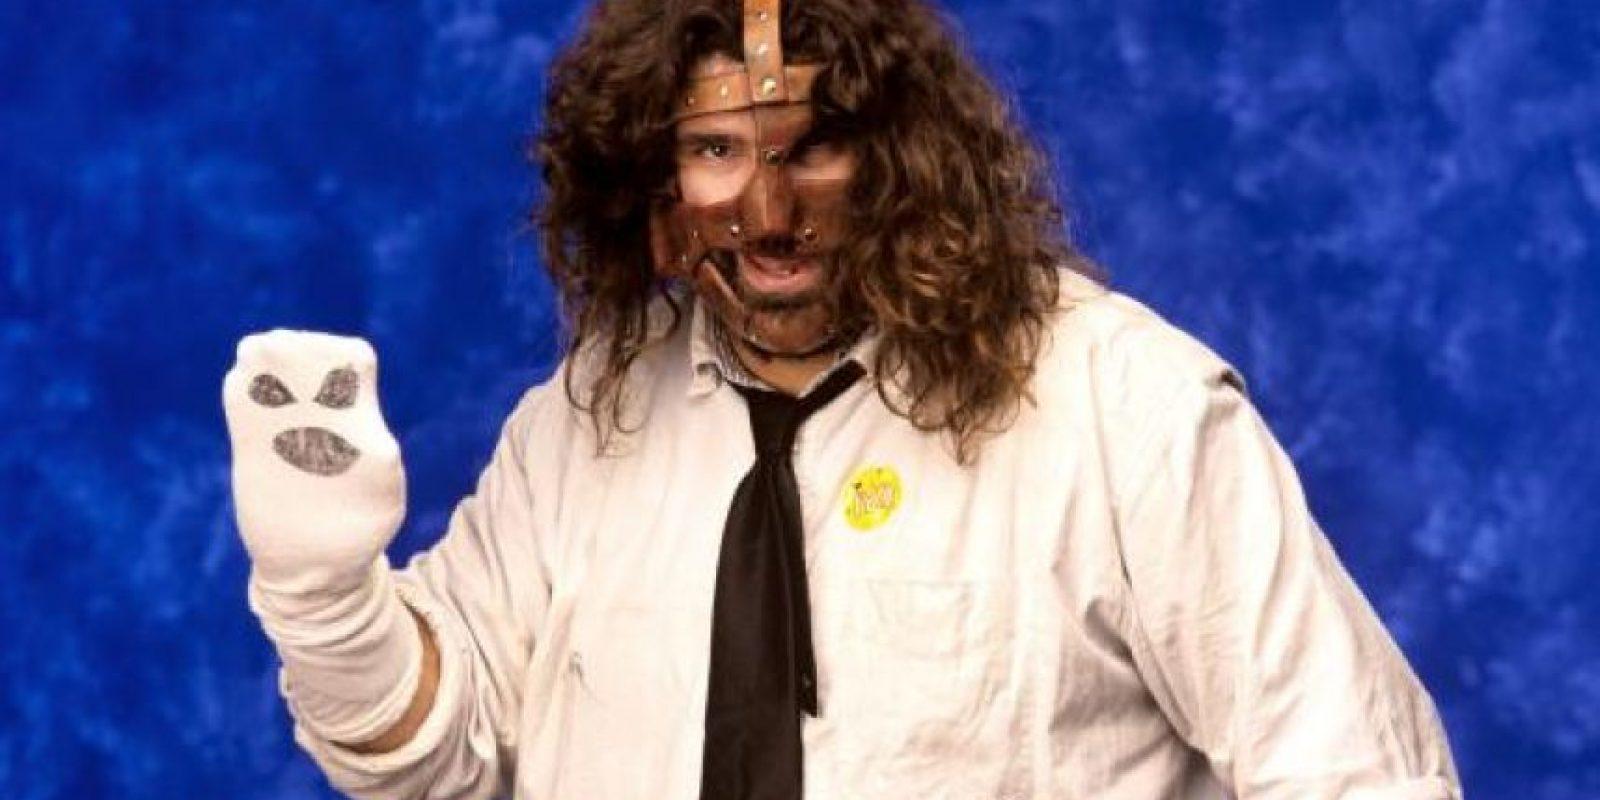 Su máscara, personalidad y forma de luchar daban miedo Foto:WWE